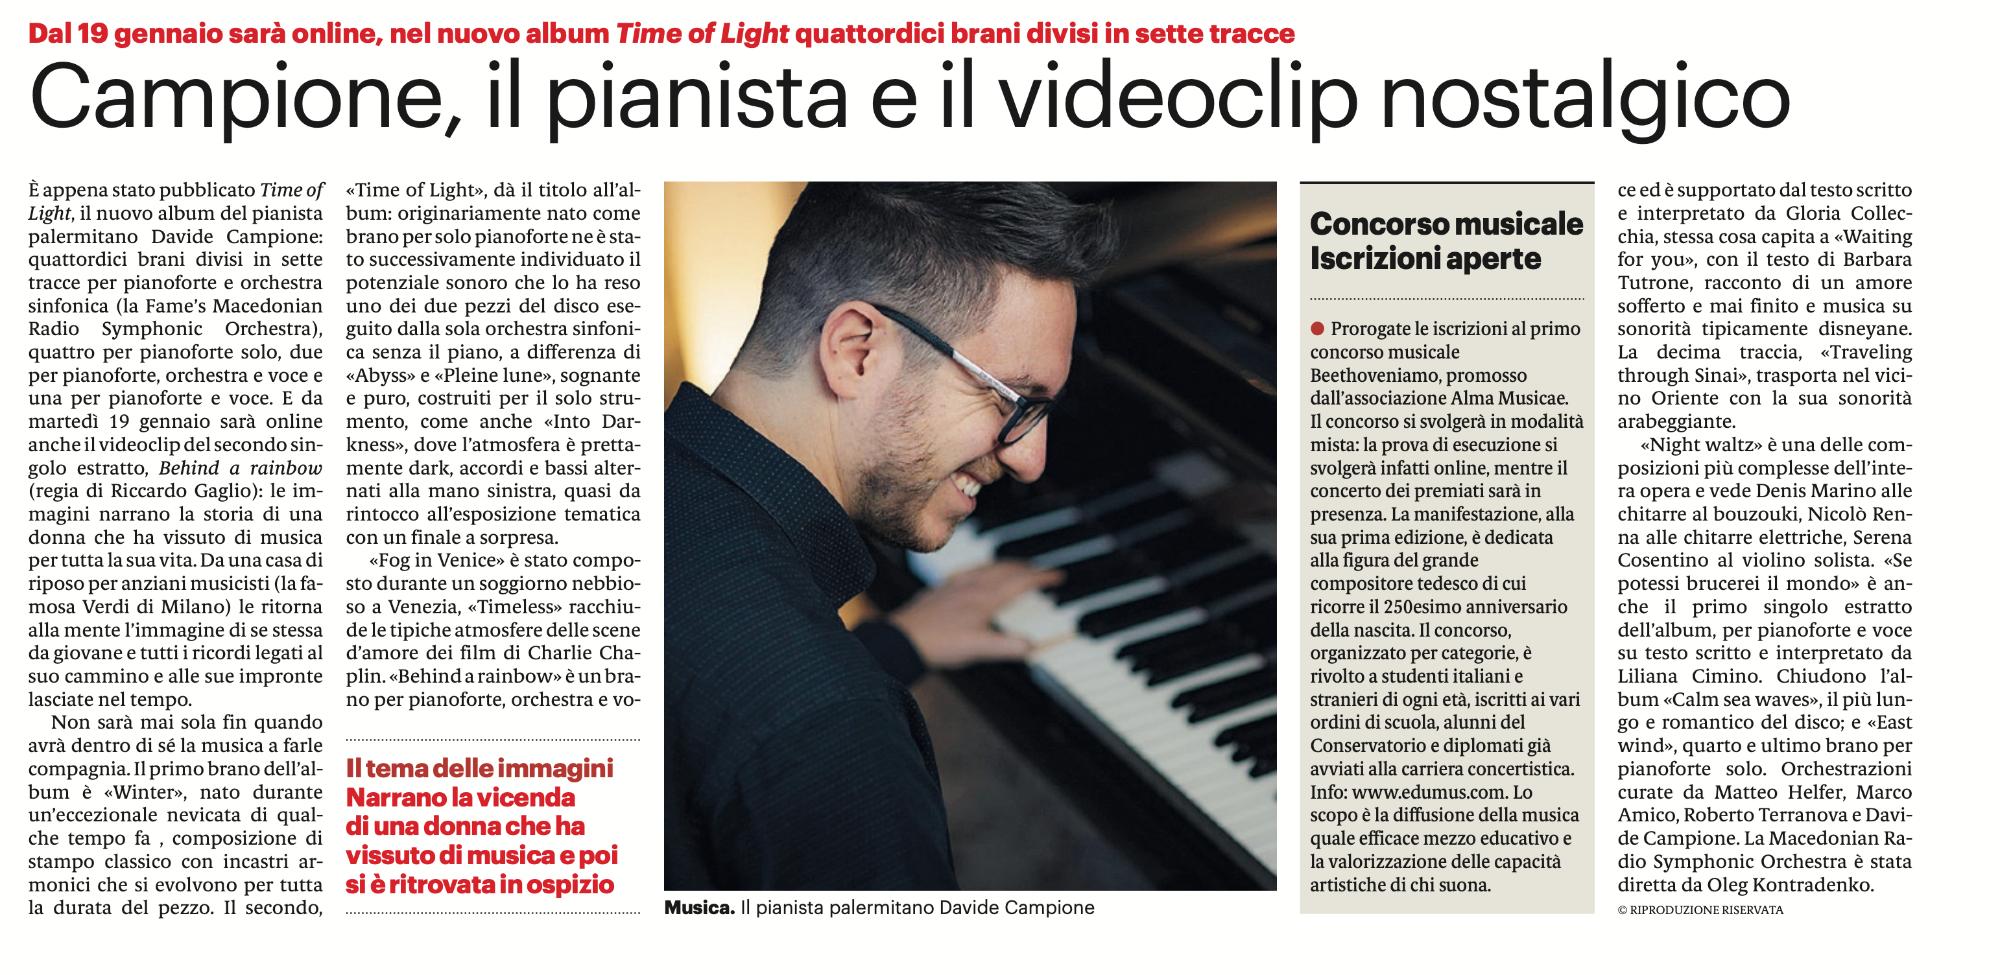 Campione, il pianista e il videoclip nostalgico